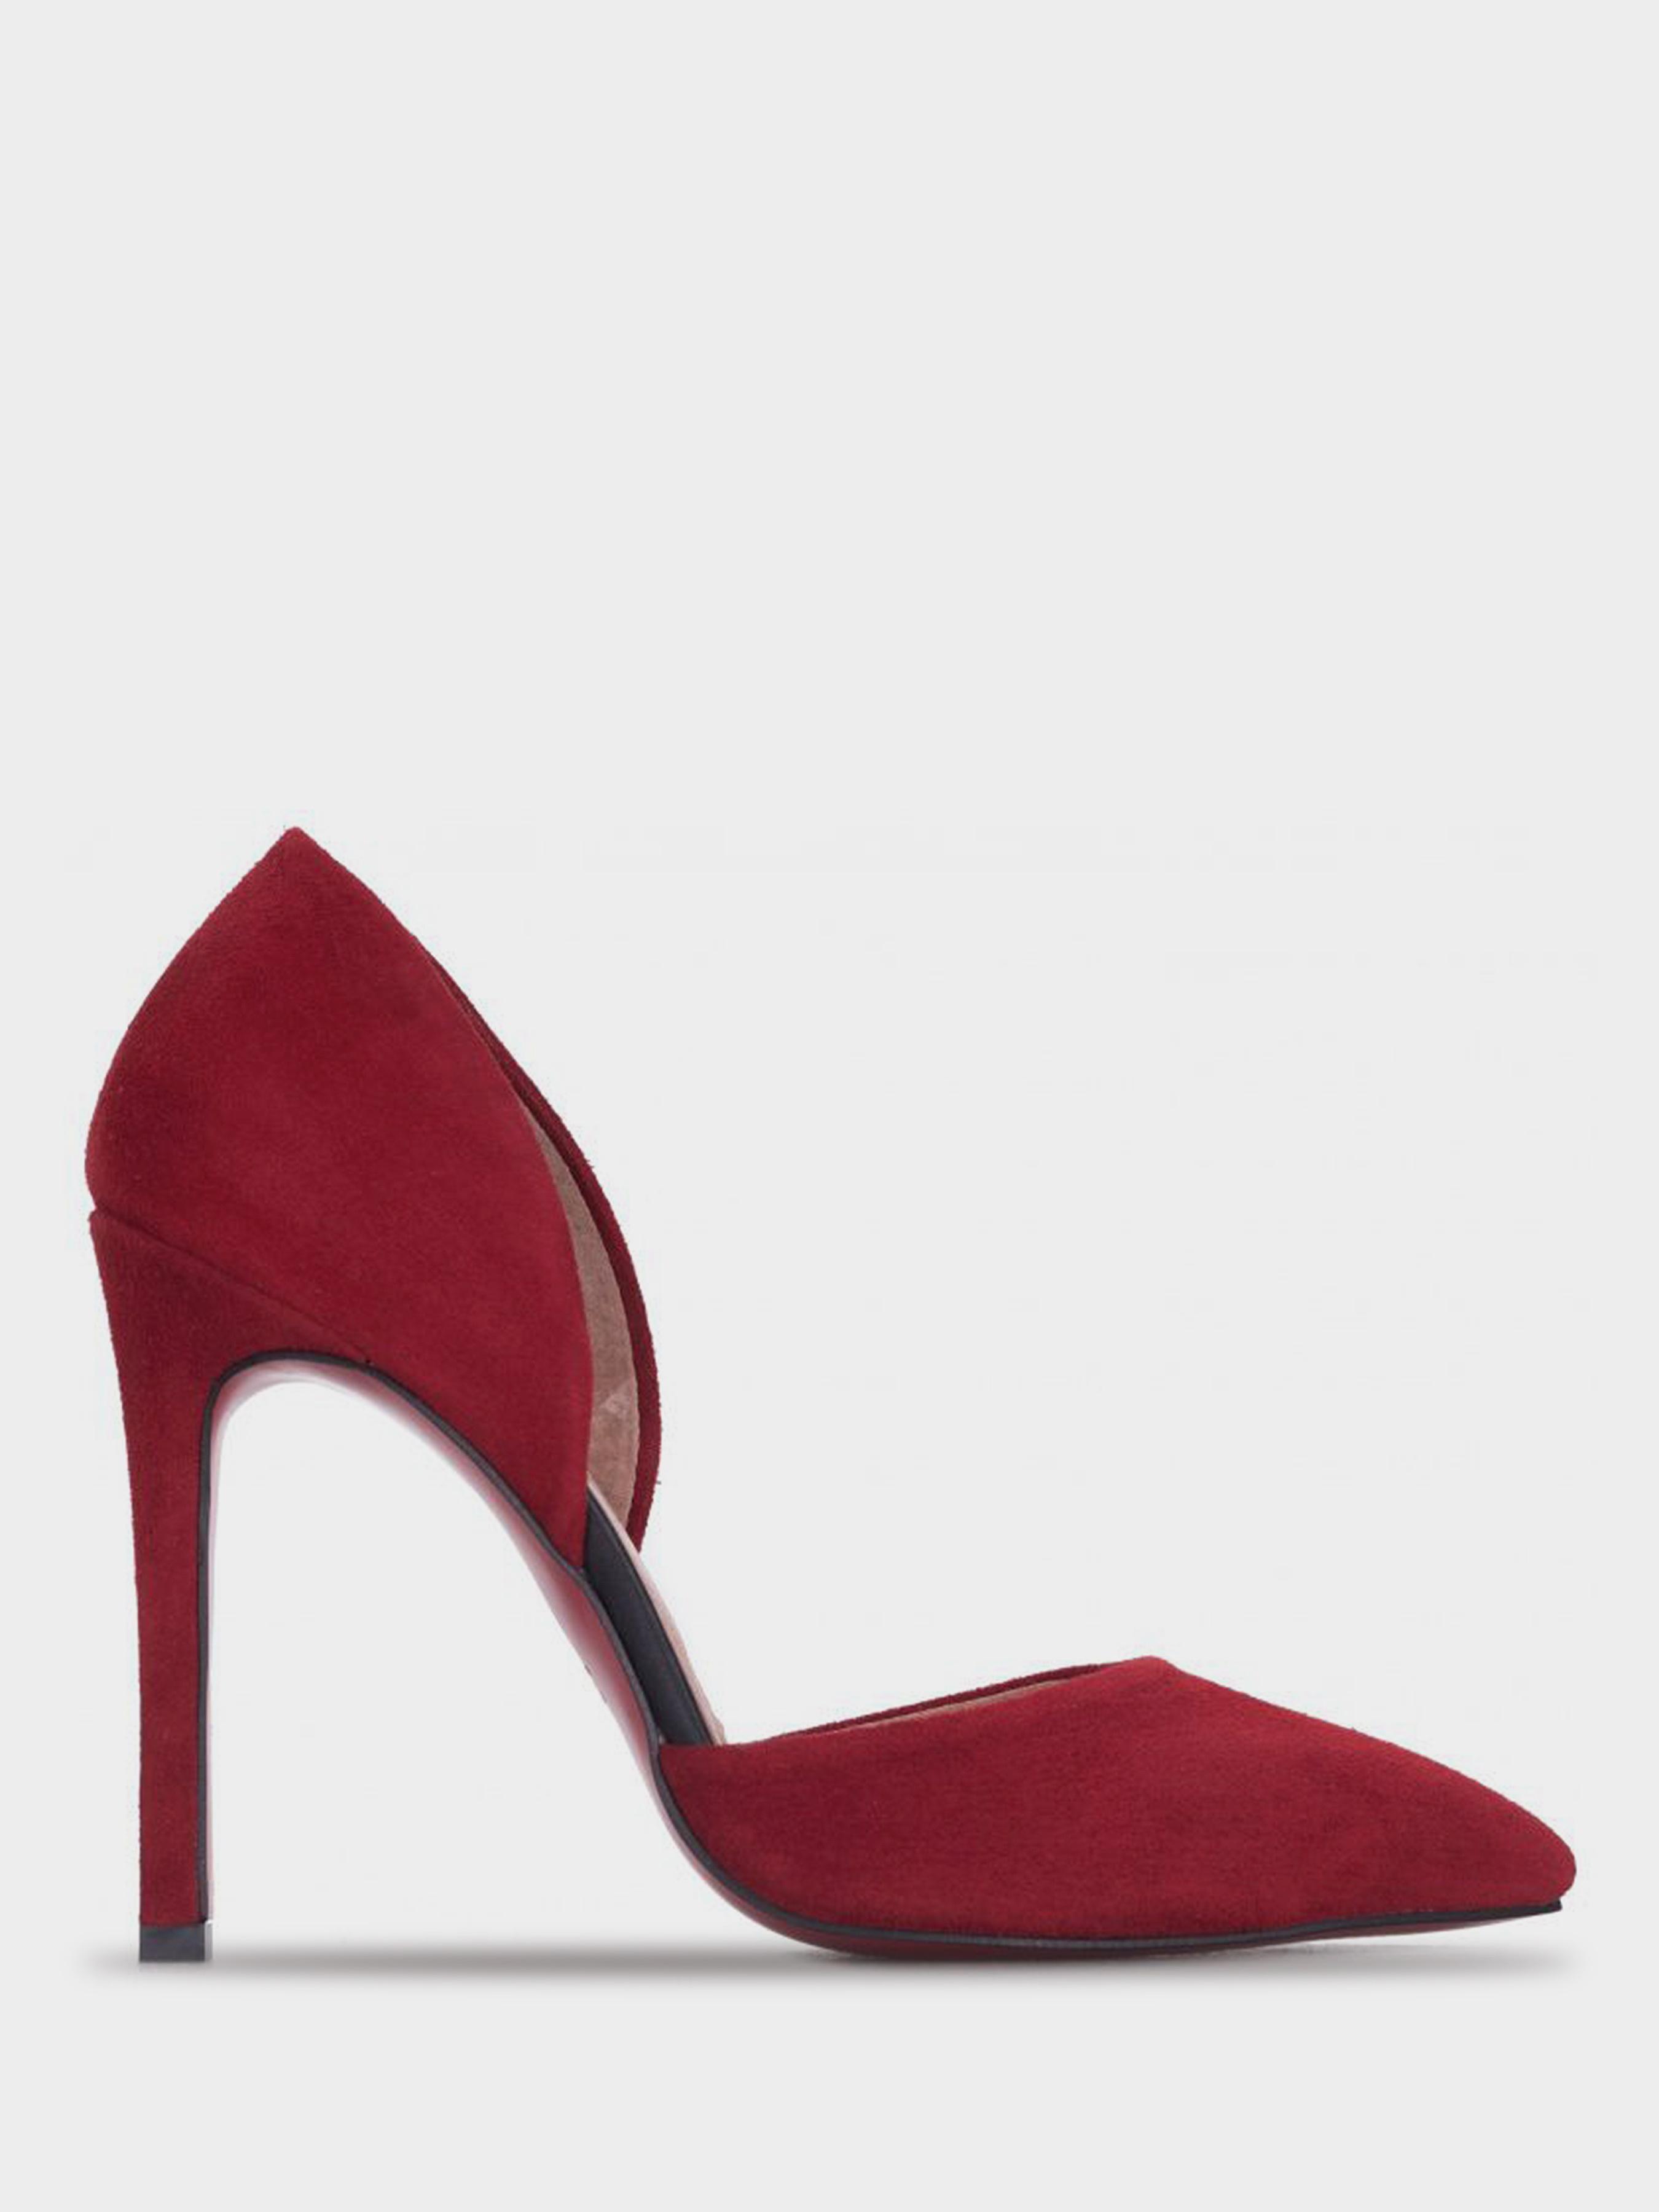 Купить Туфли женские GAMA 2Z55, Красный